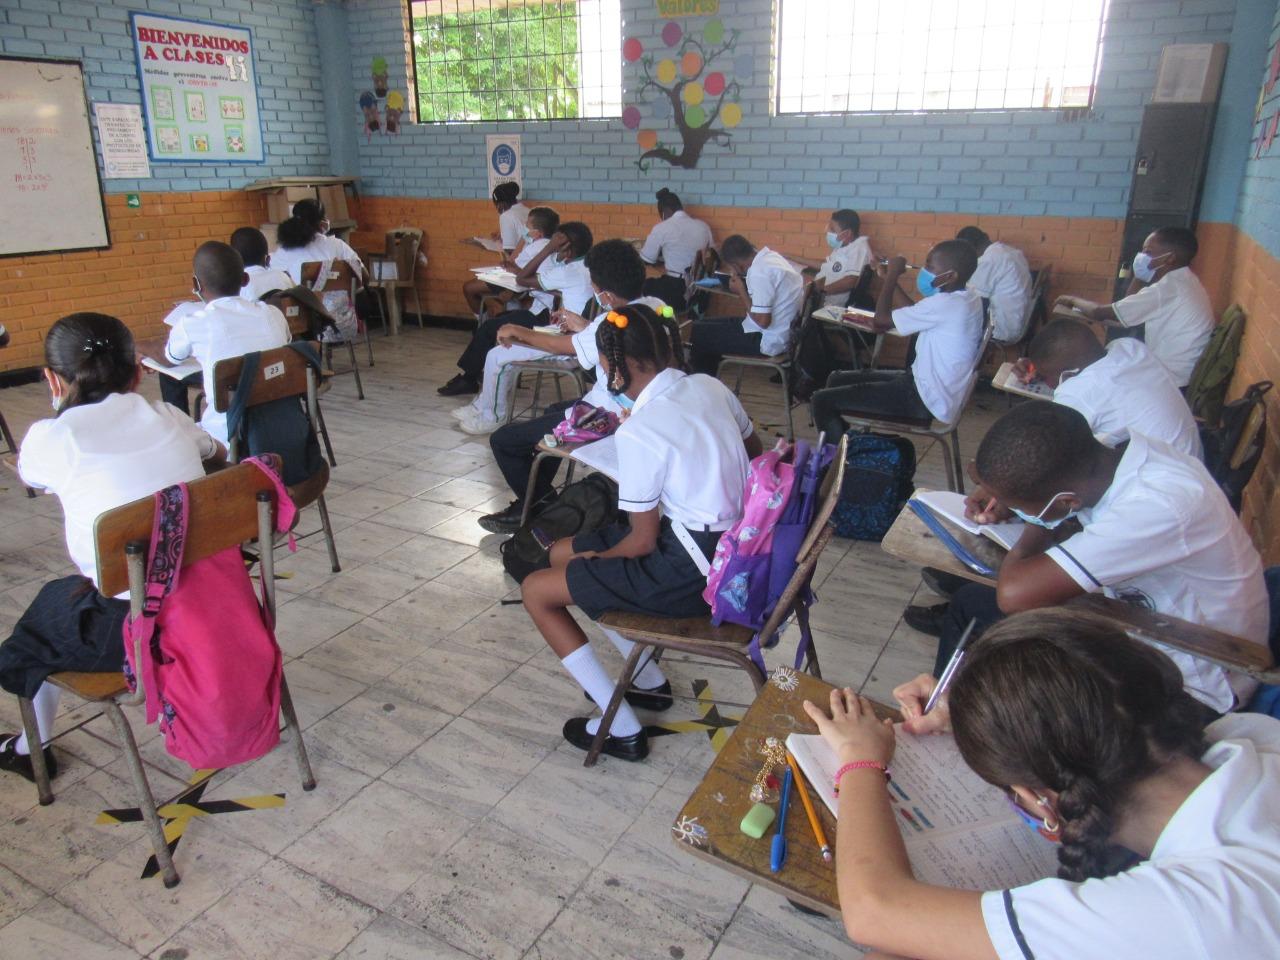 El secretario de educación Distrital afirmó que 32 colegios oficiales han vuelto a clases presenciales en Buenaventura